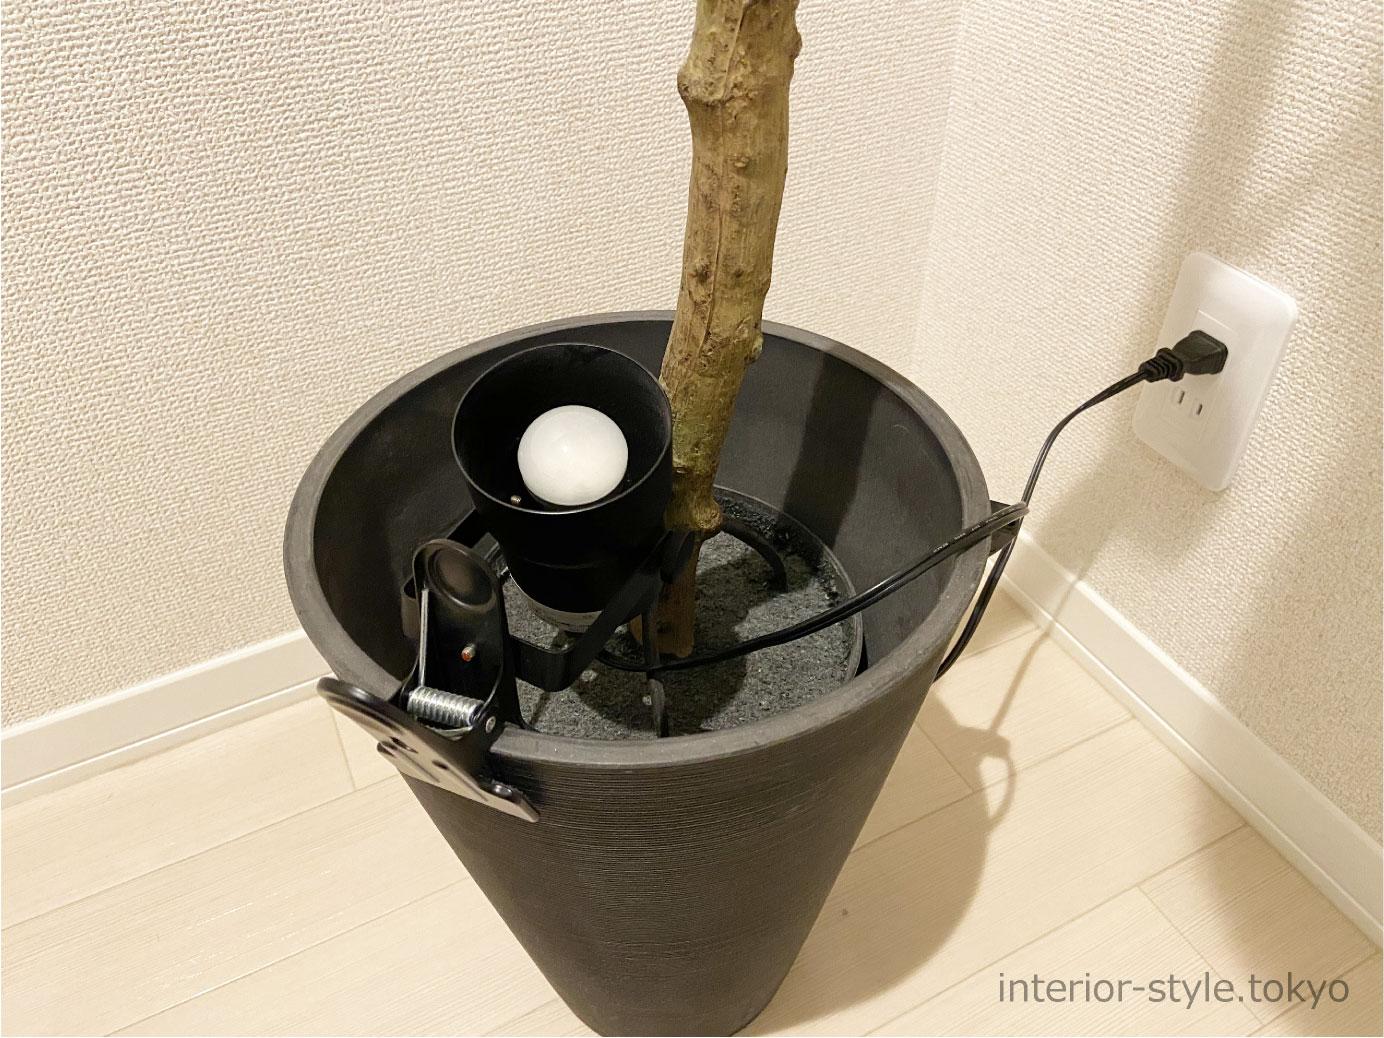 観葉植物の鉢にとめたクリップ式のスポットライト